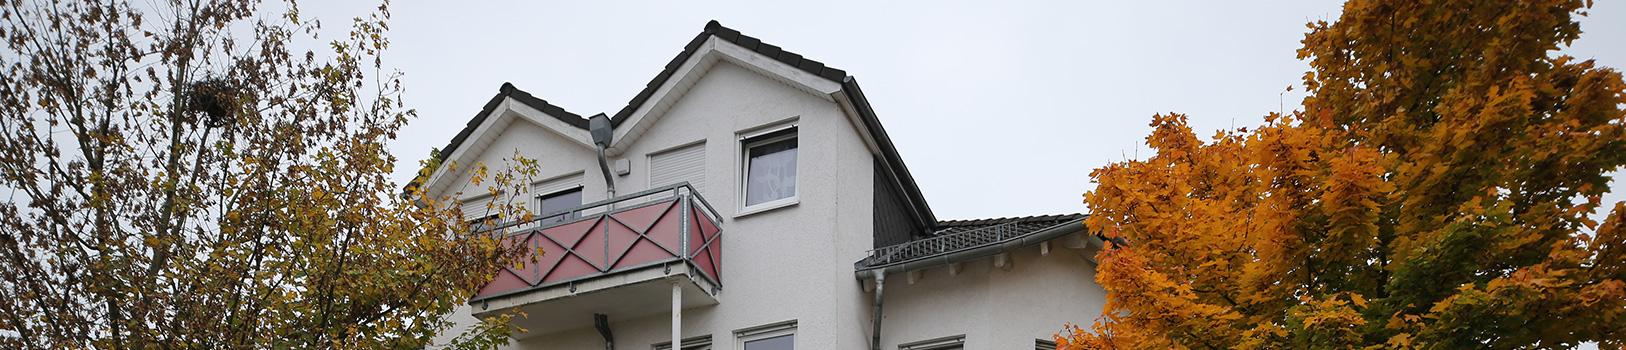 Frauenheilkunde – Thomas Riepen – Weilburg